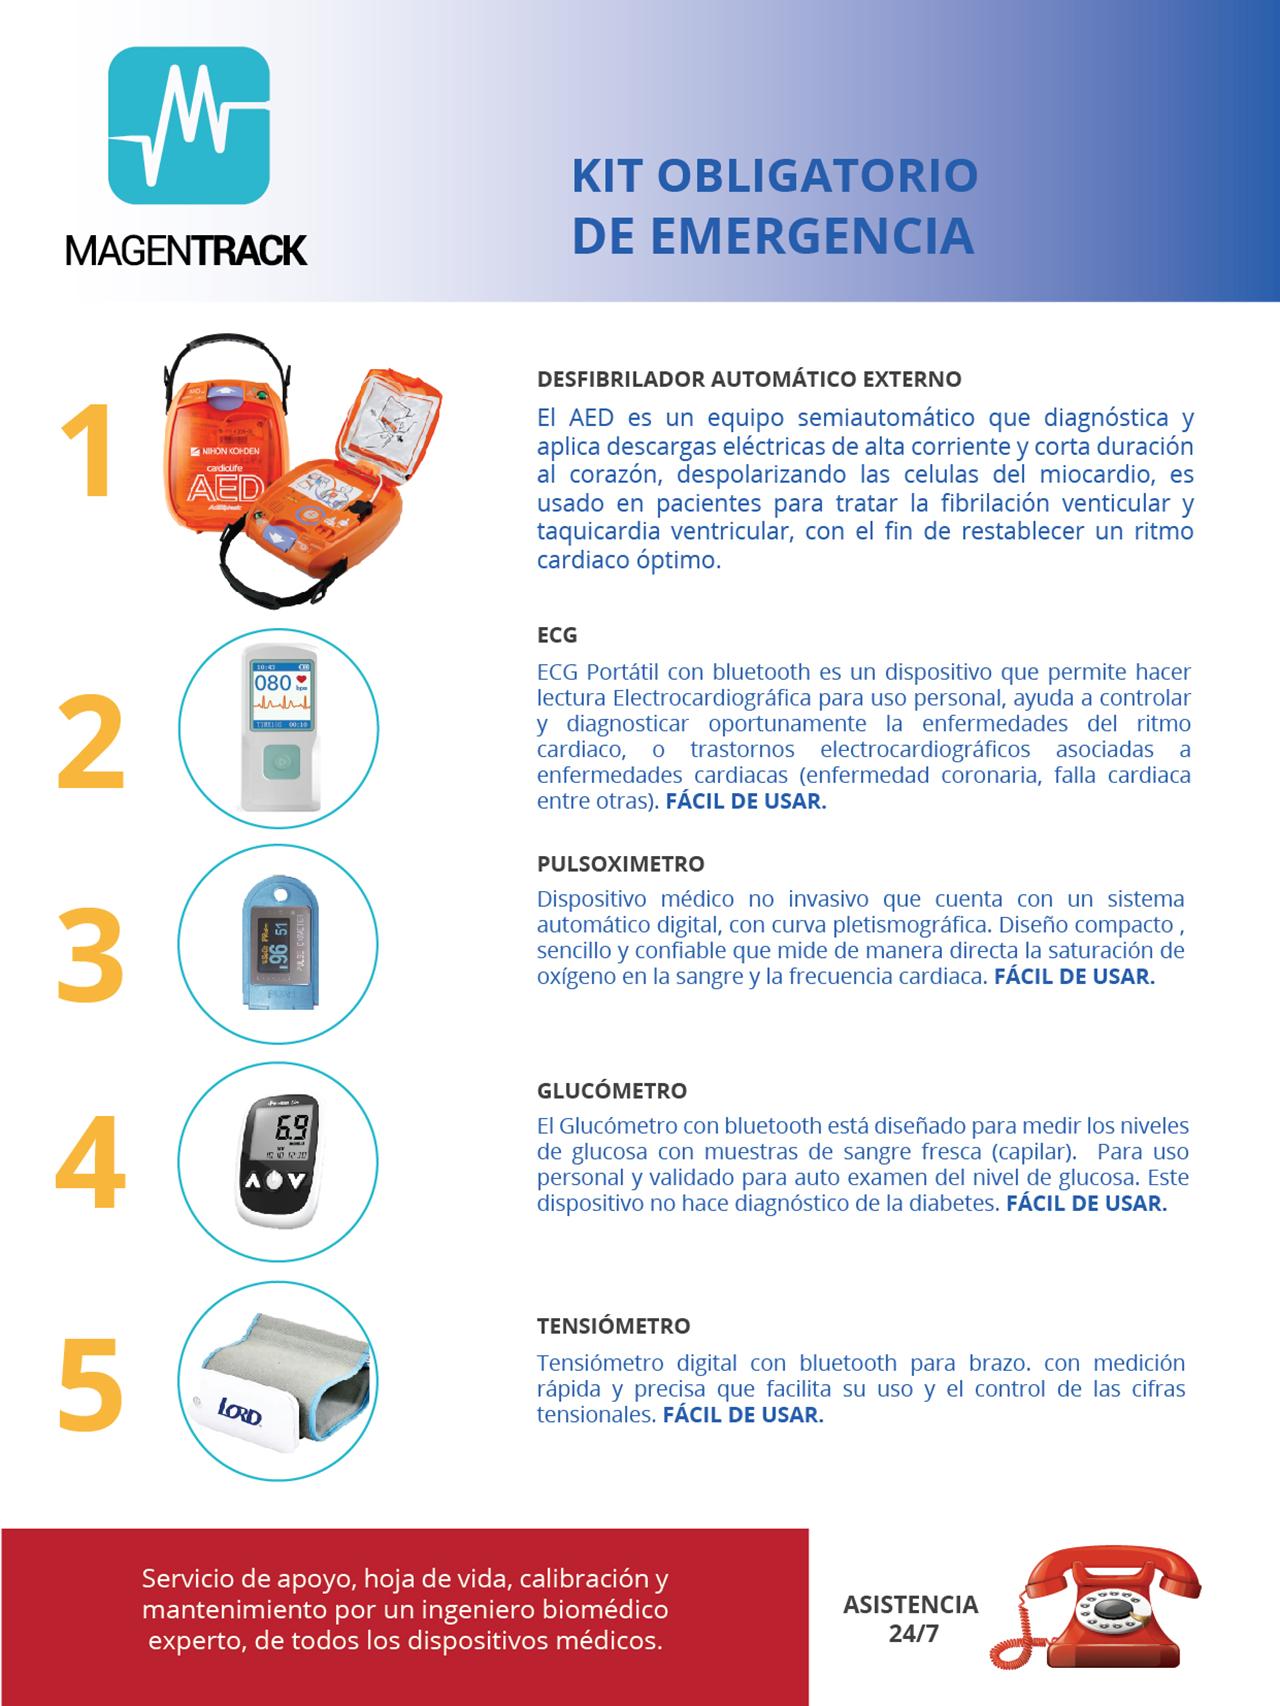 Kit Obligatorio de Emergencia